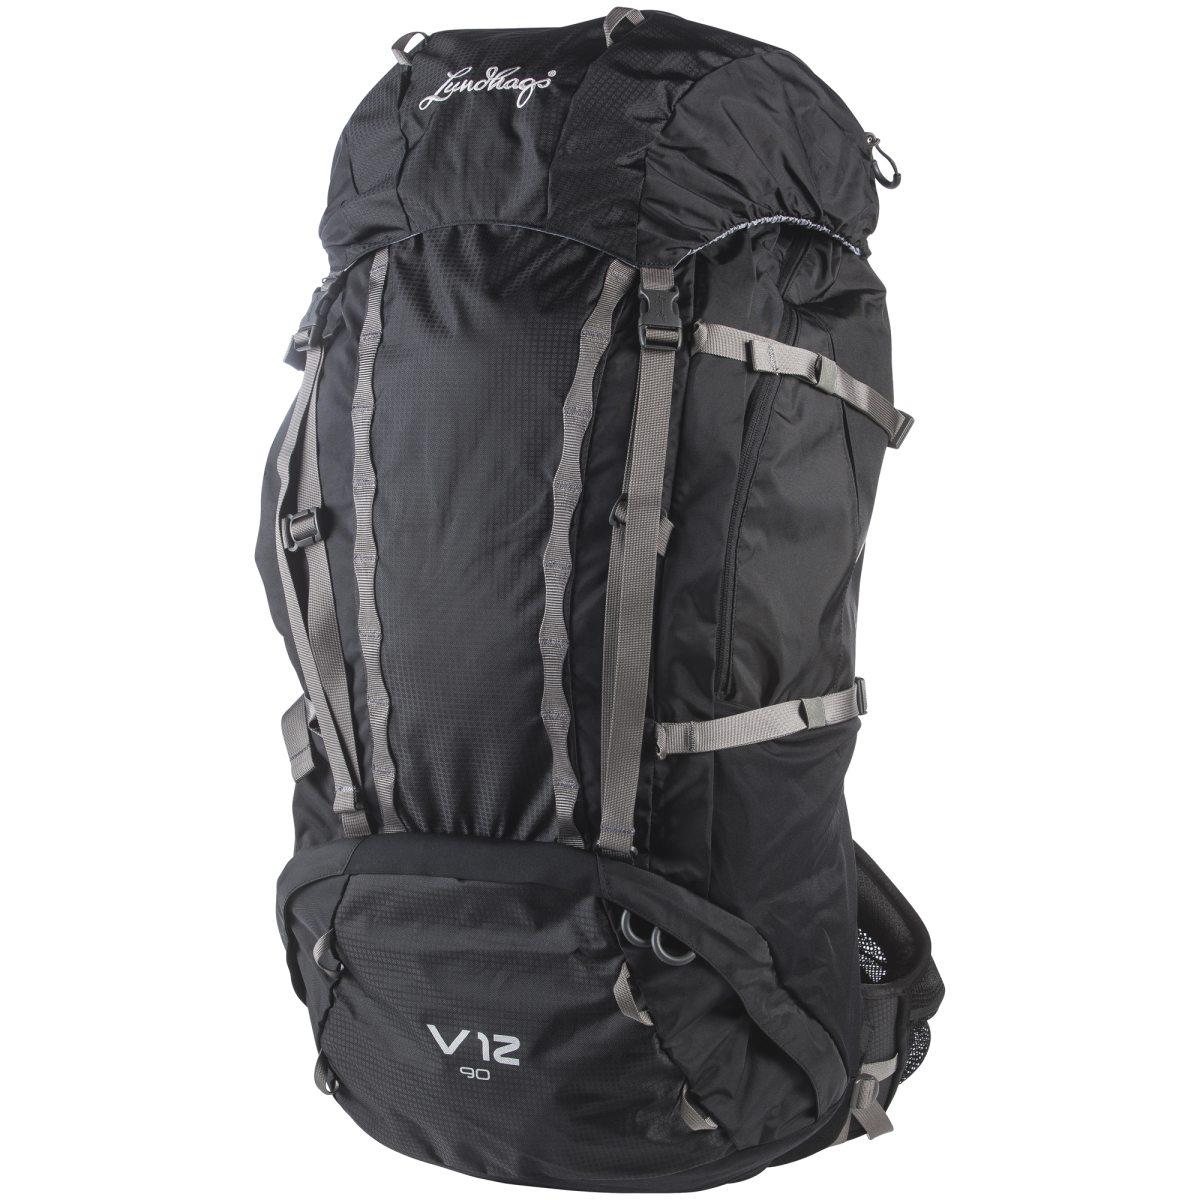 Handla från hela världen hos PricePi. vandringsryggsäck i Sport och ... 7f6dbe0834da2